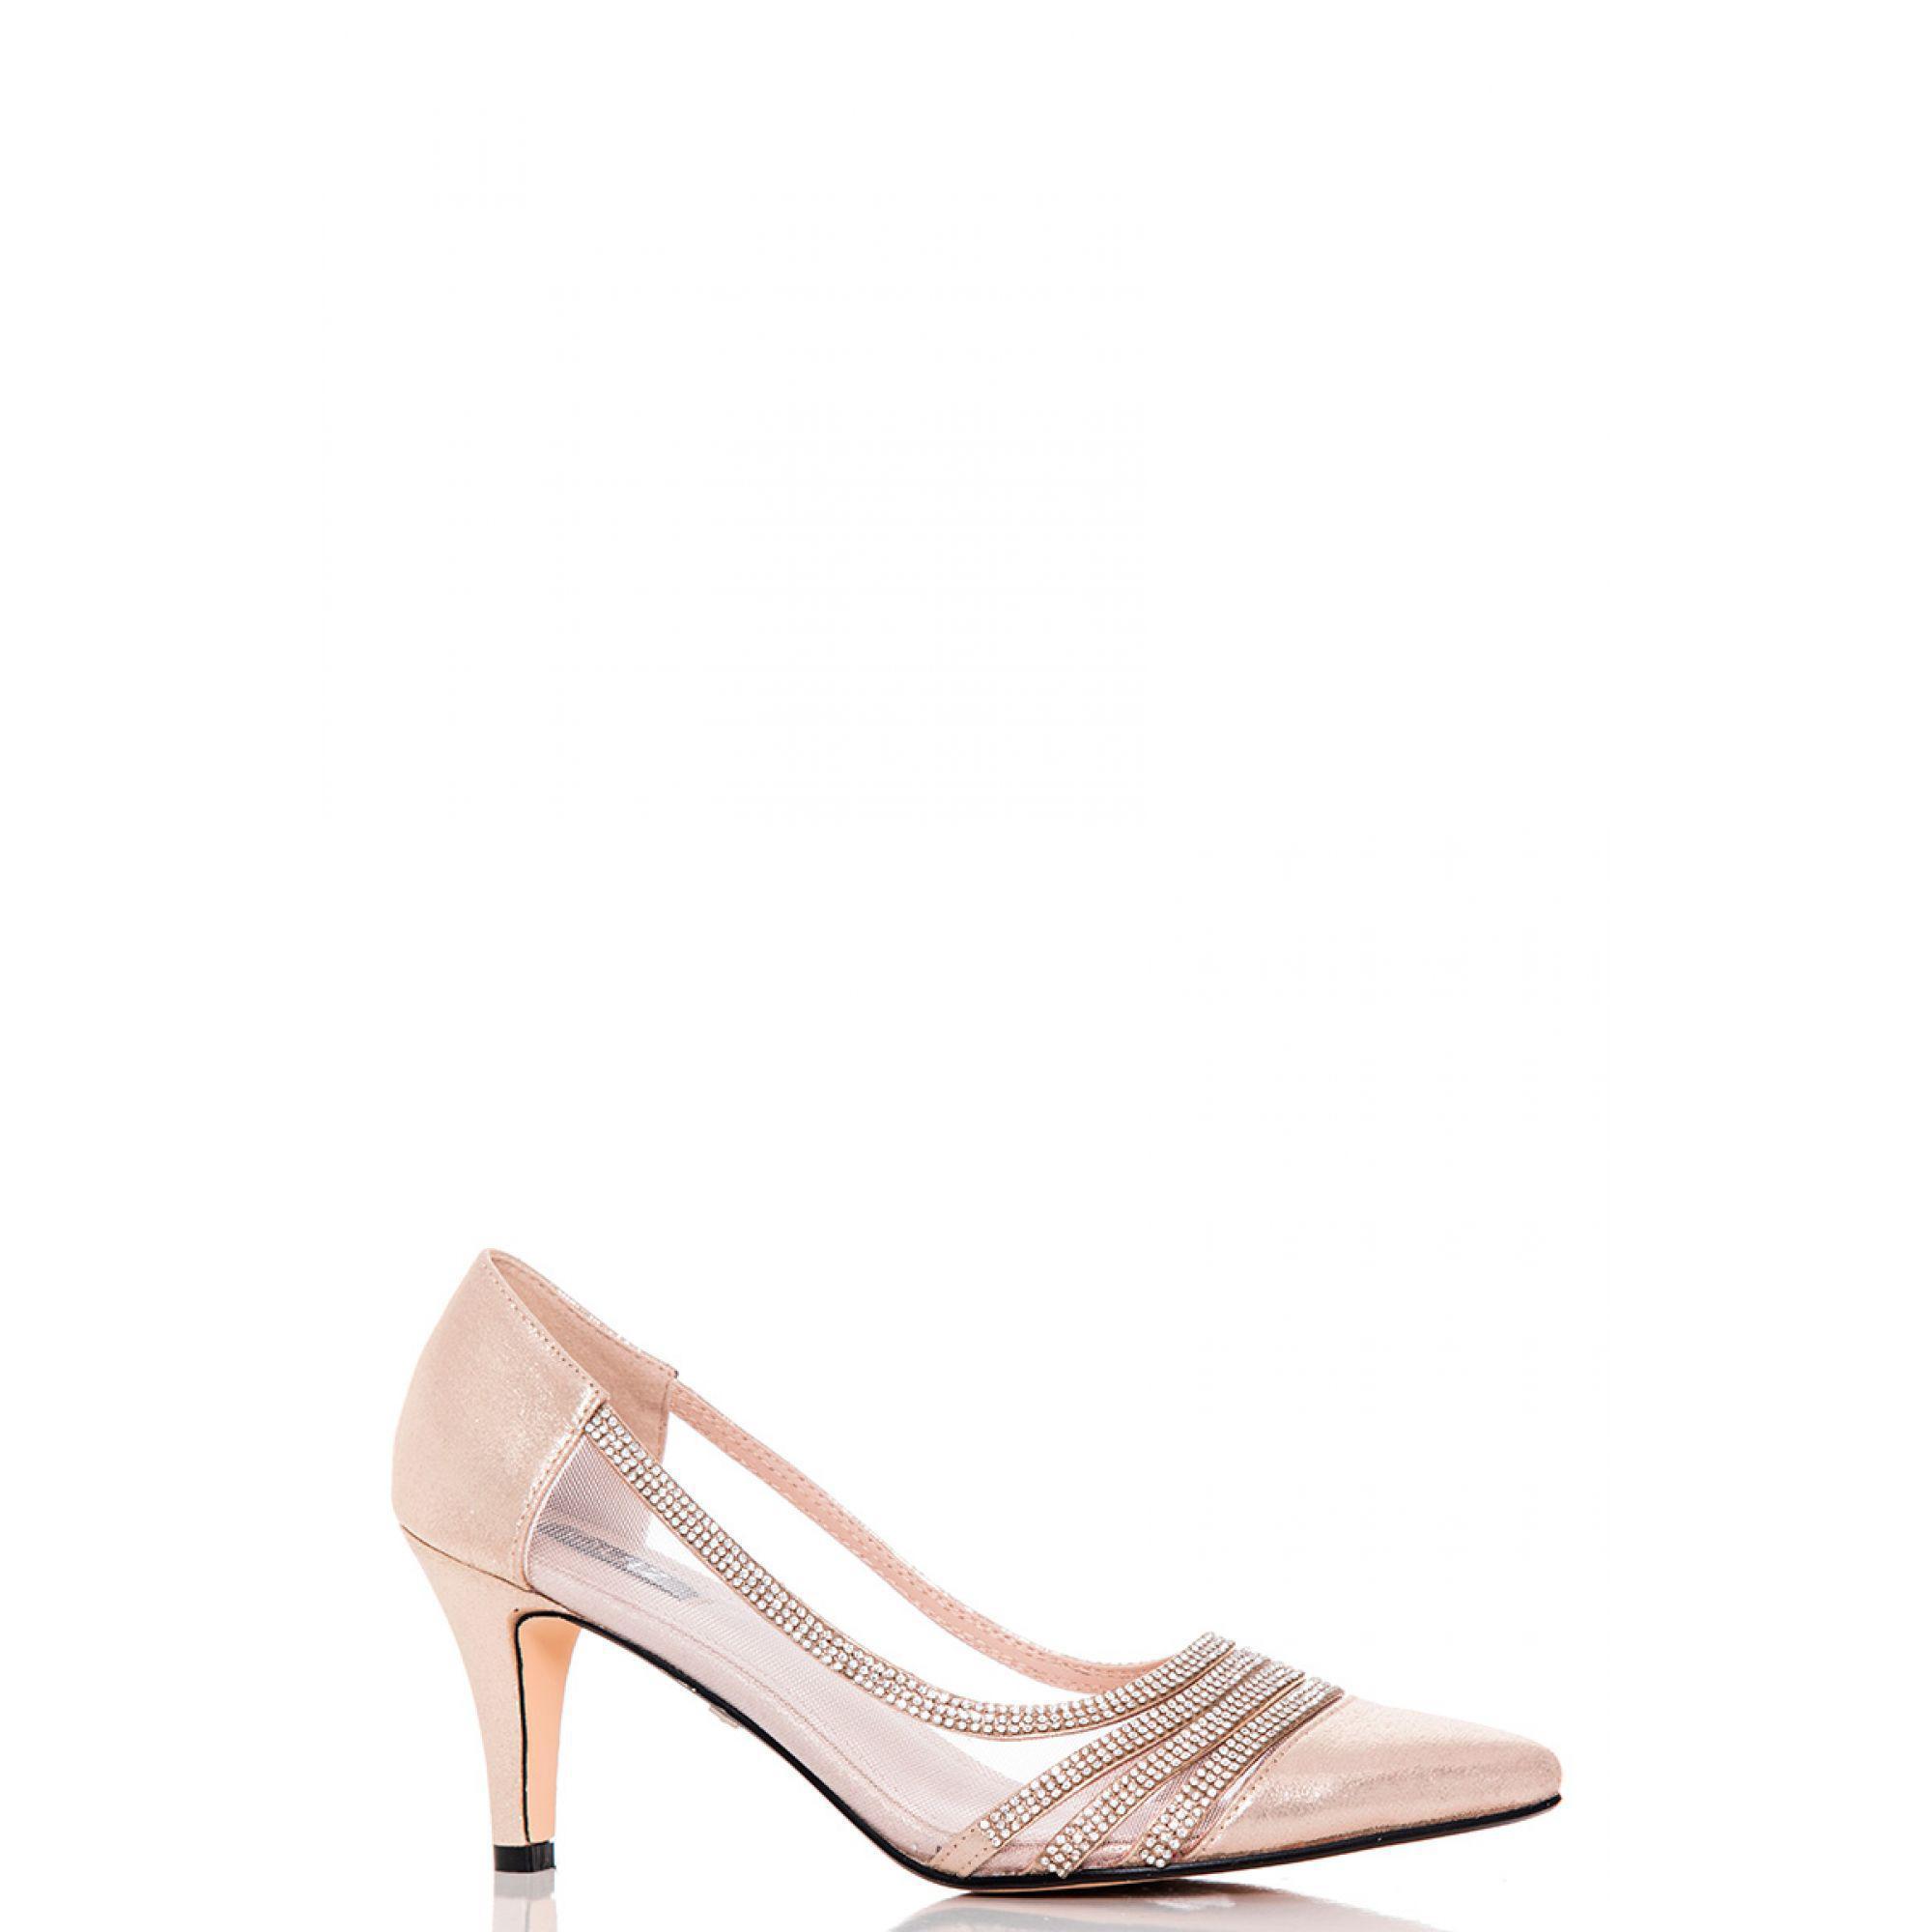 385699caa4e Quiz. Women s Metallic Gold Shimmer Diamante And Mesh Low Heel Court Shoes